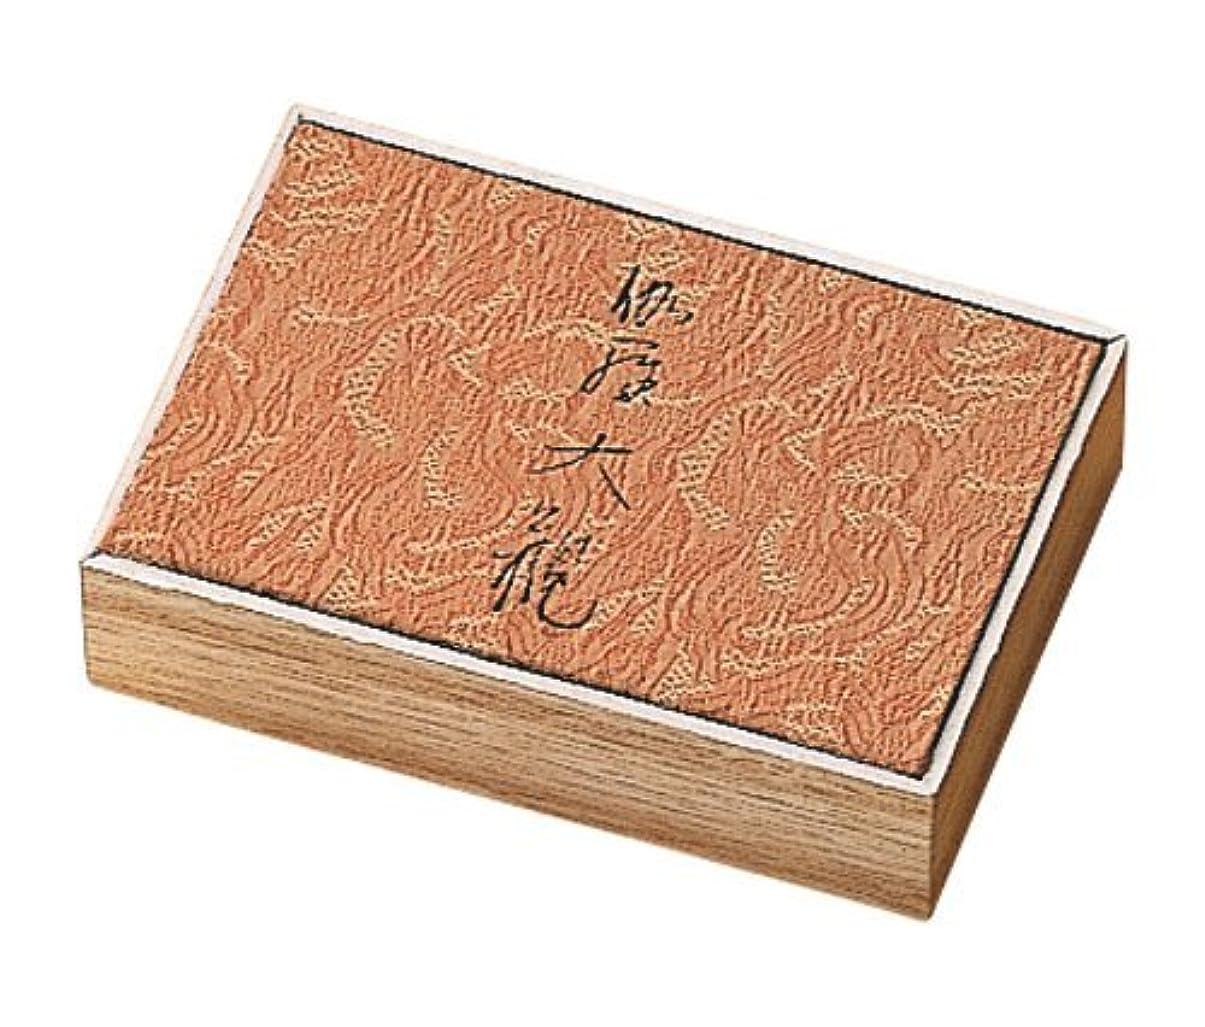 ニックネーム昼寝億香木の香りのお香 伽羅大観 スティック120本入